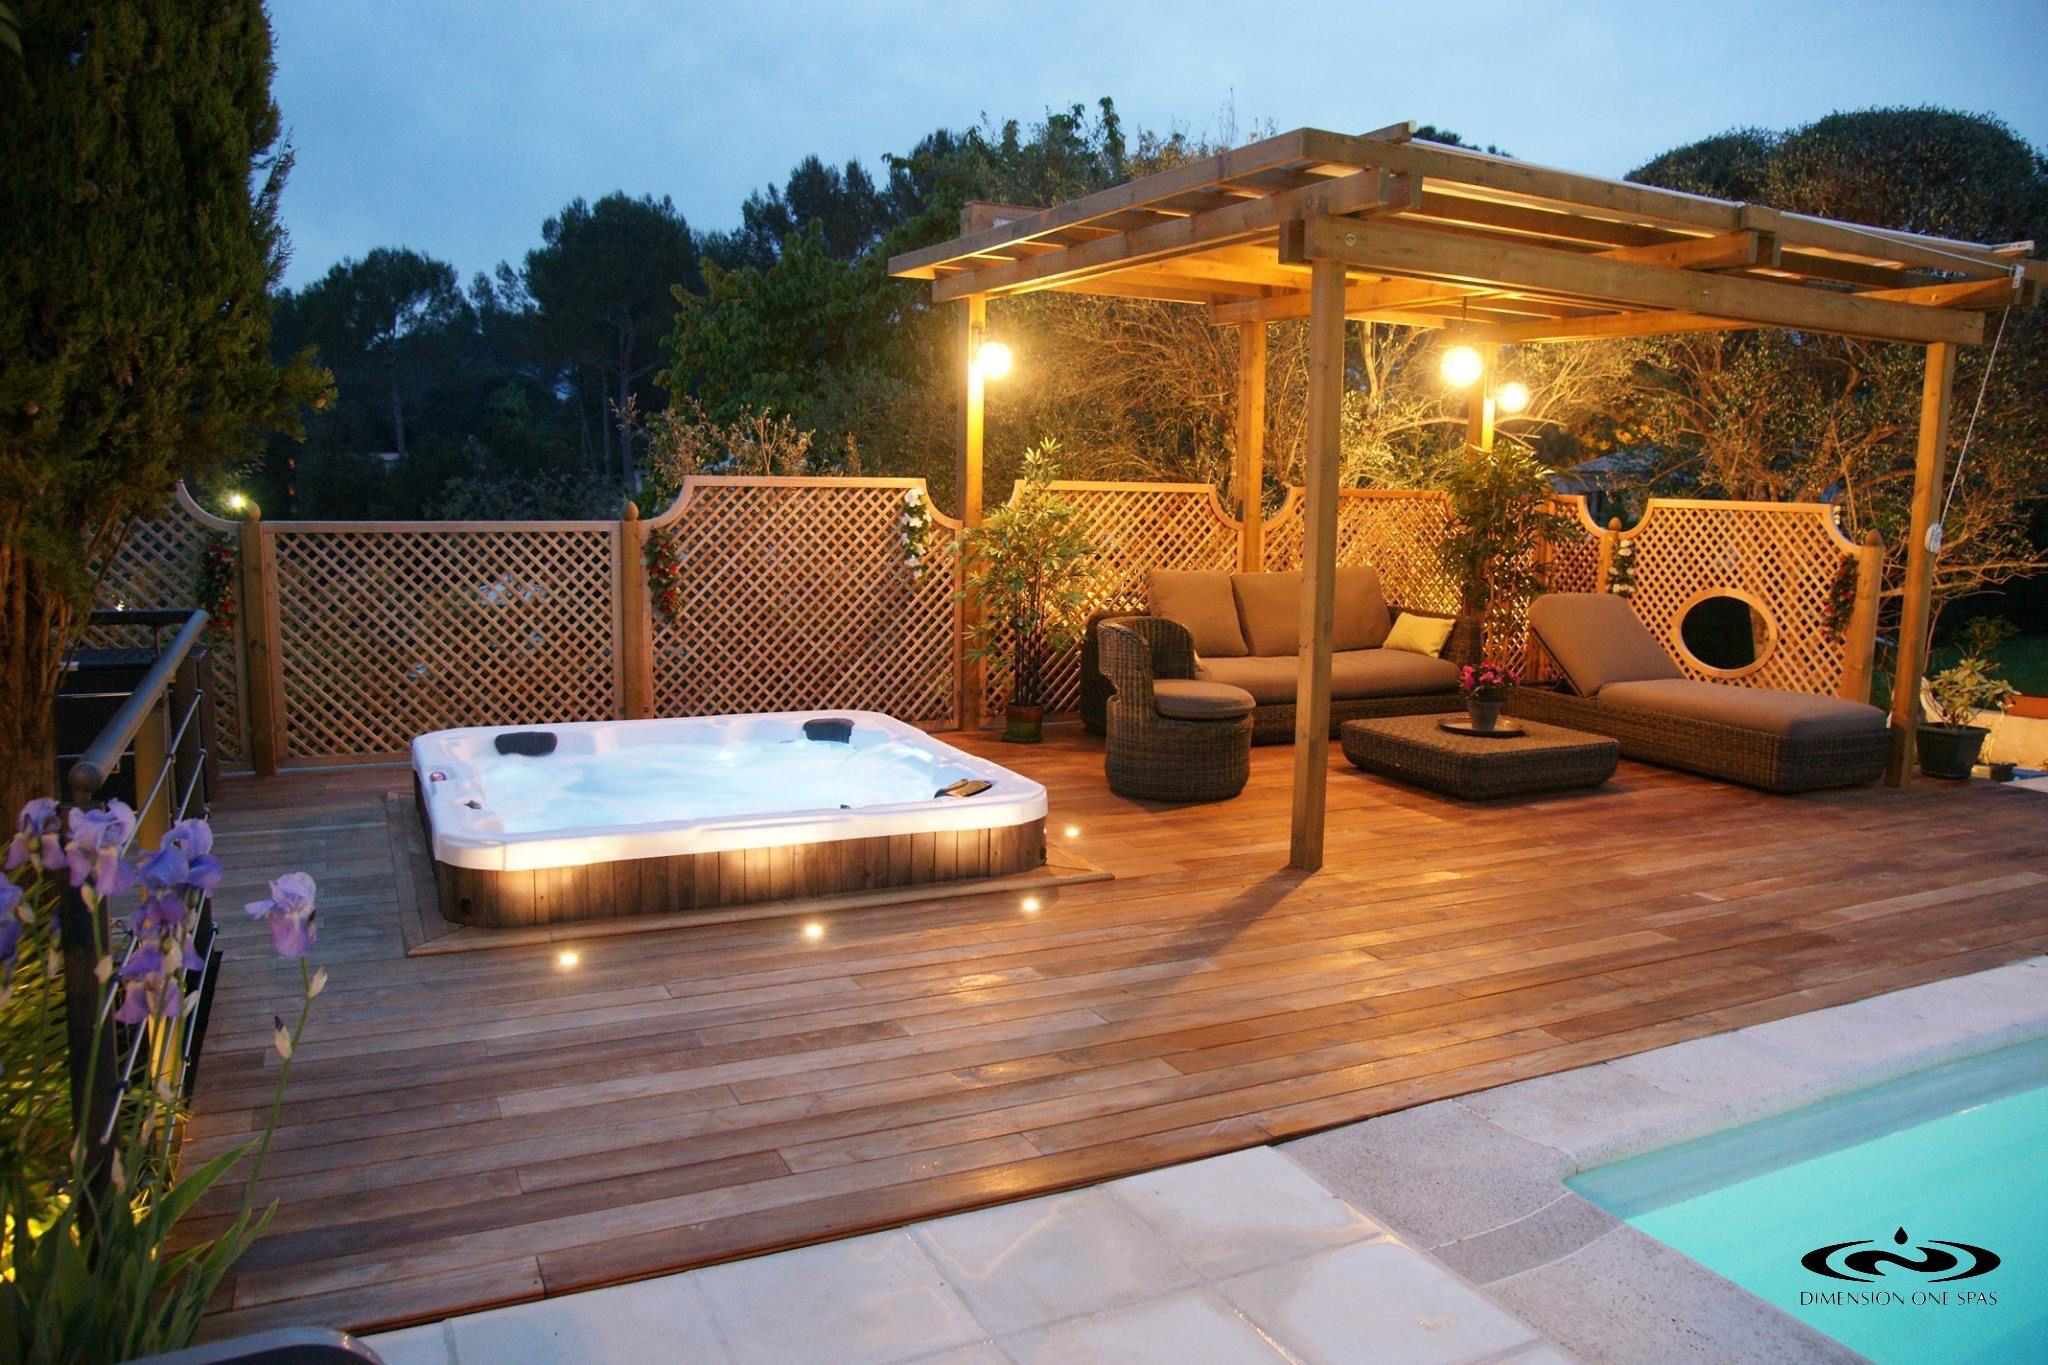 SBB Whirlpool Spa romantisch im Garten